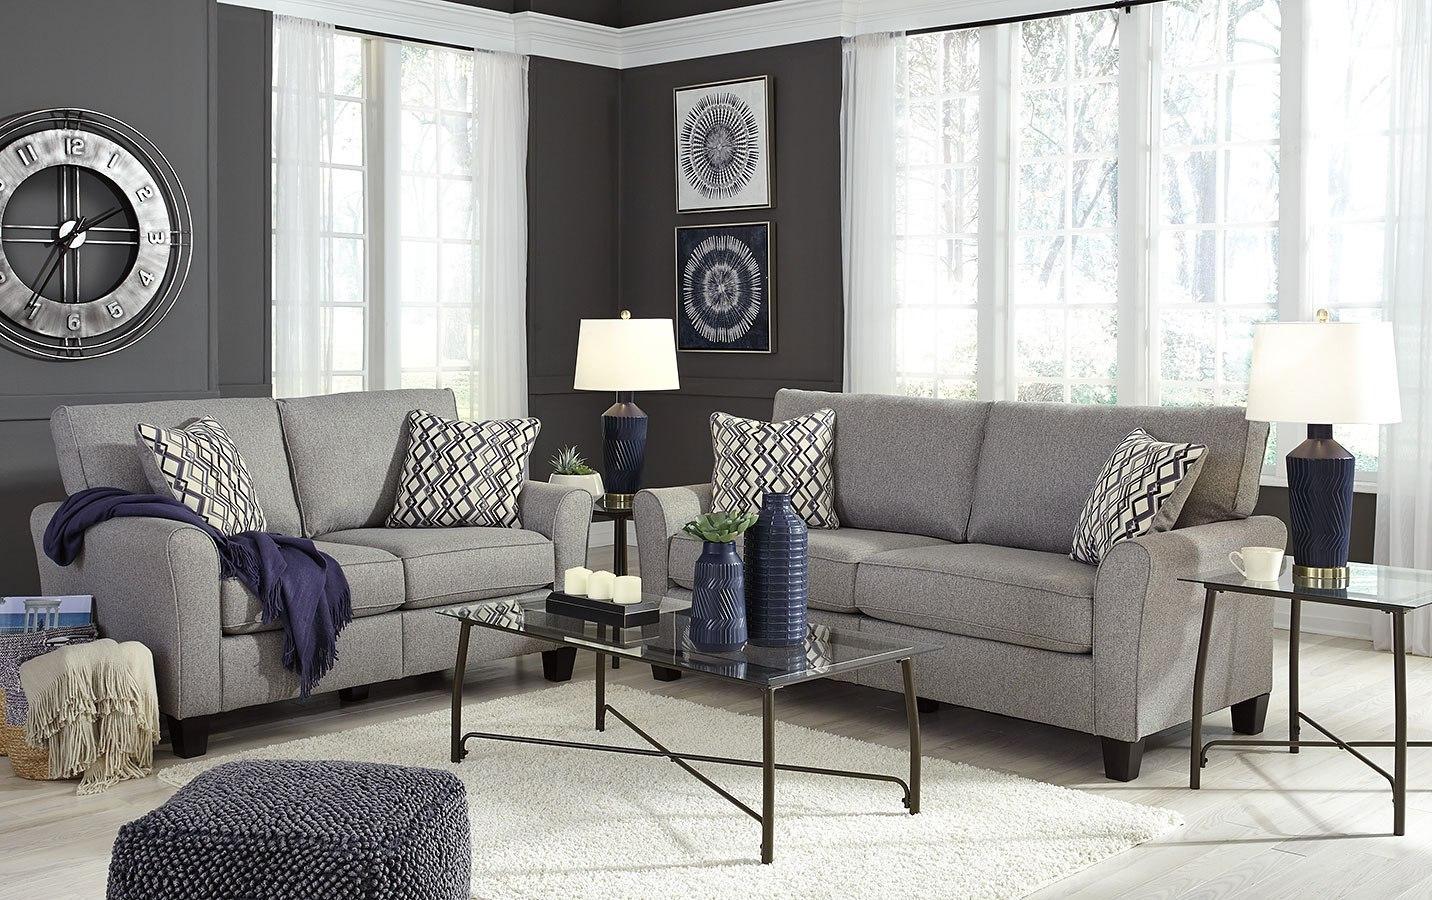 Strehela silver living room set signature design - Design of furniture for living room ...